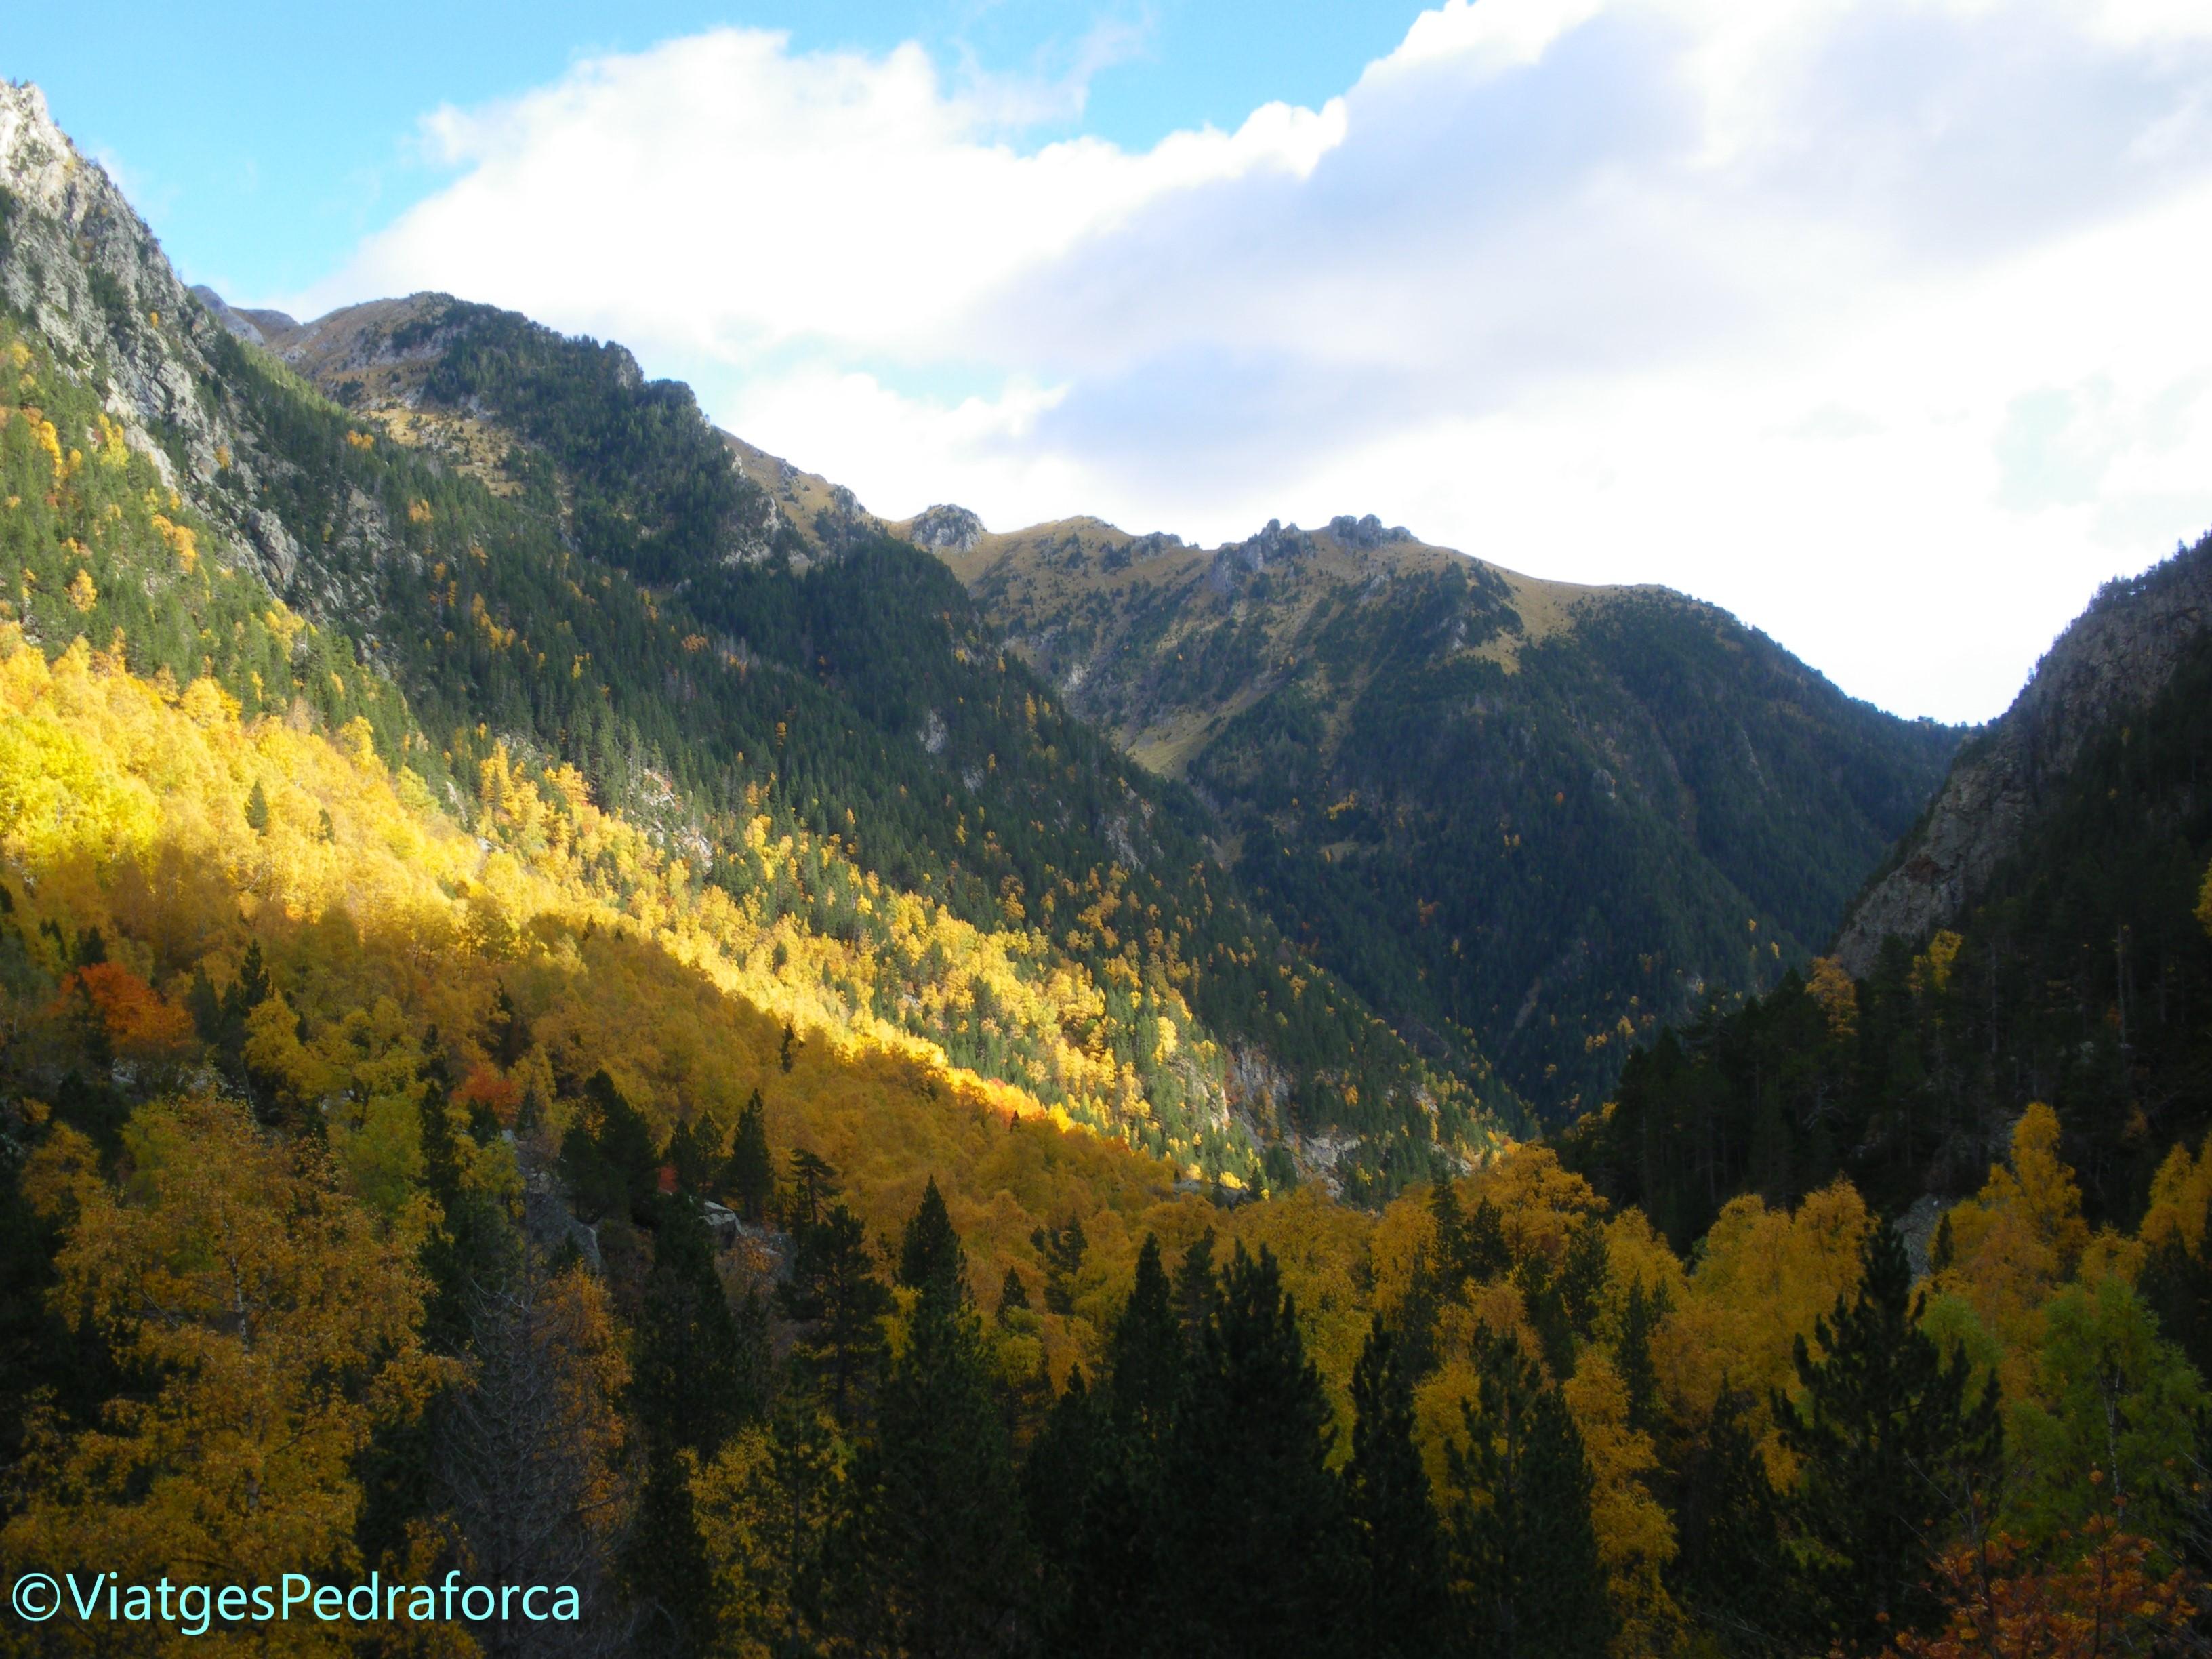 Eriste, Aigüeta de Grist, Vall de Benasc, Pirineus, Aragó, Osca, senderisme, fotografia de natura